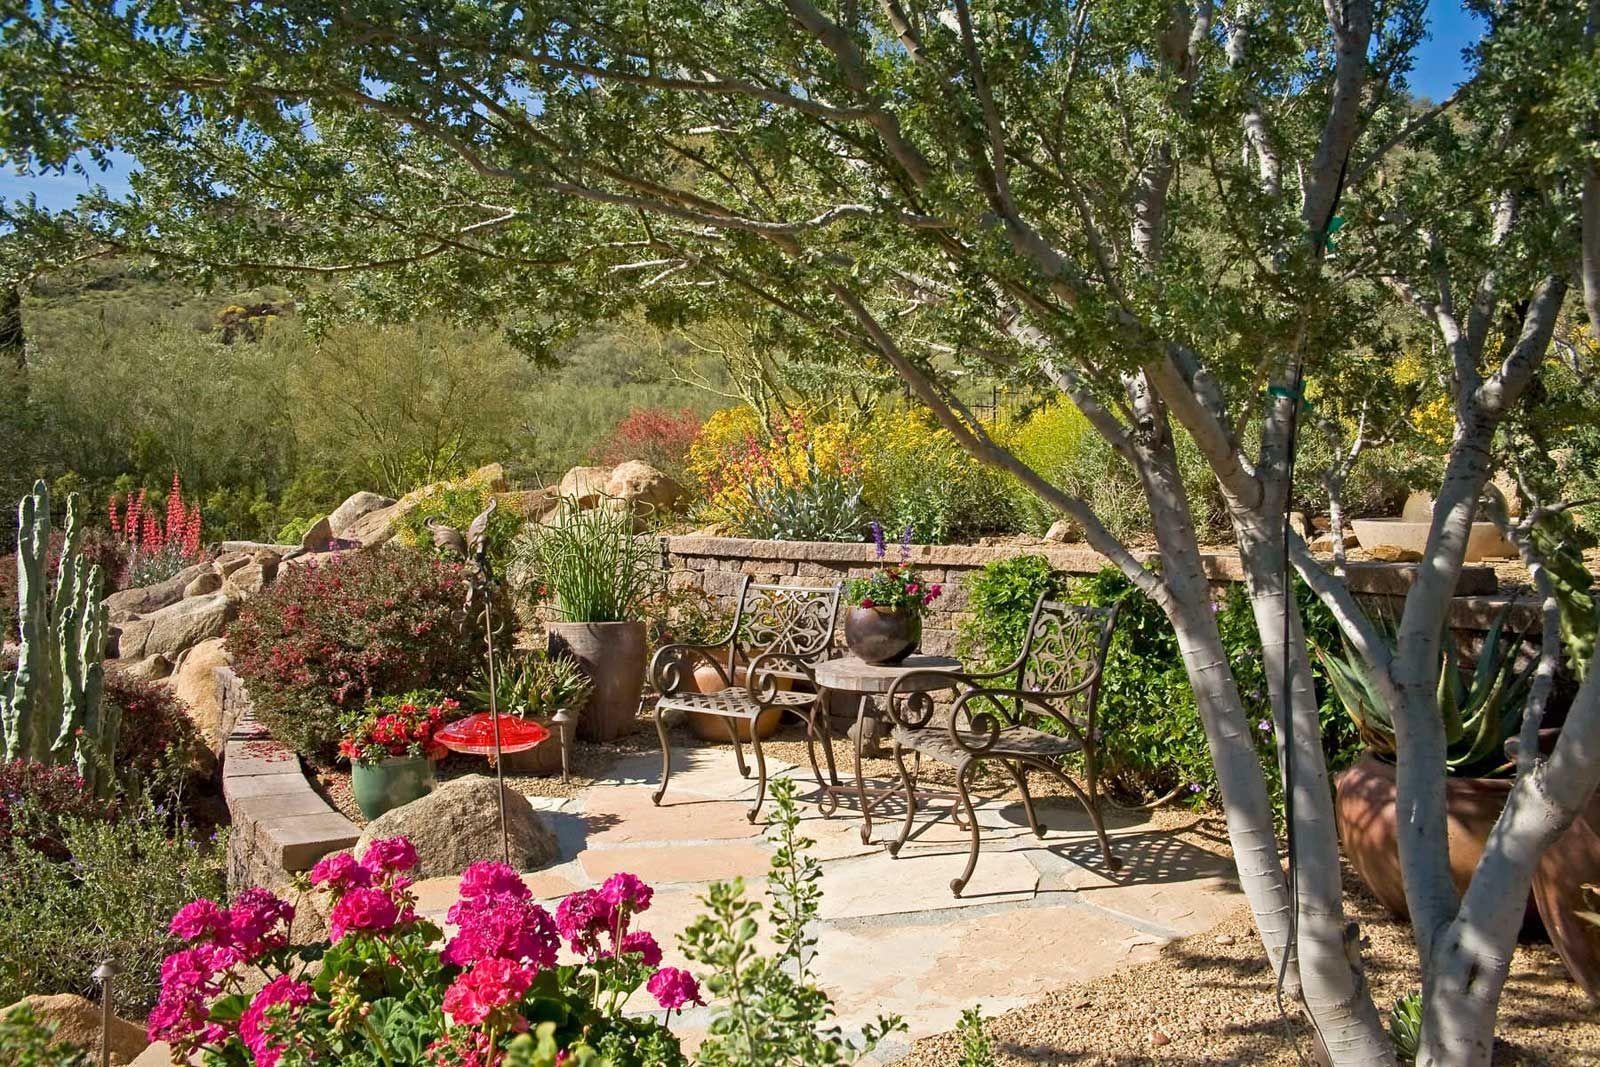 decorative concrete garden floors - Google Search | Garden Seating ...